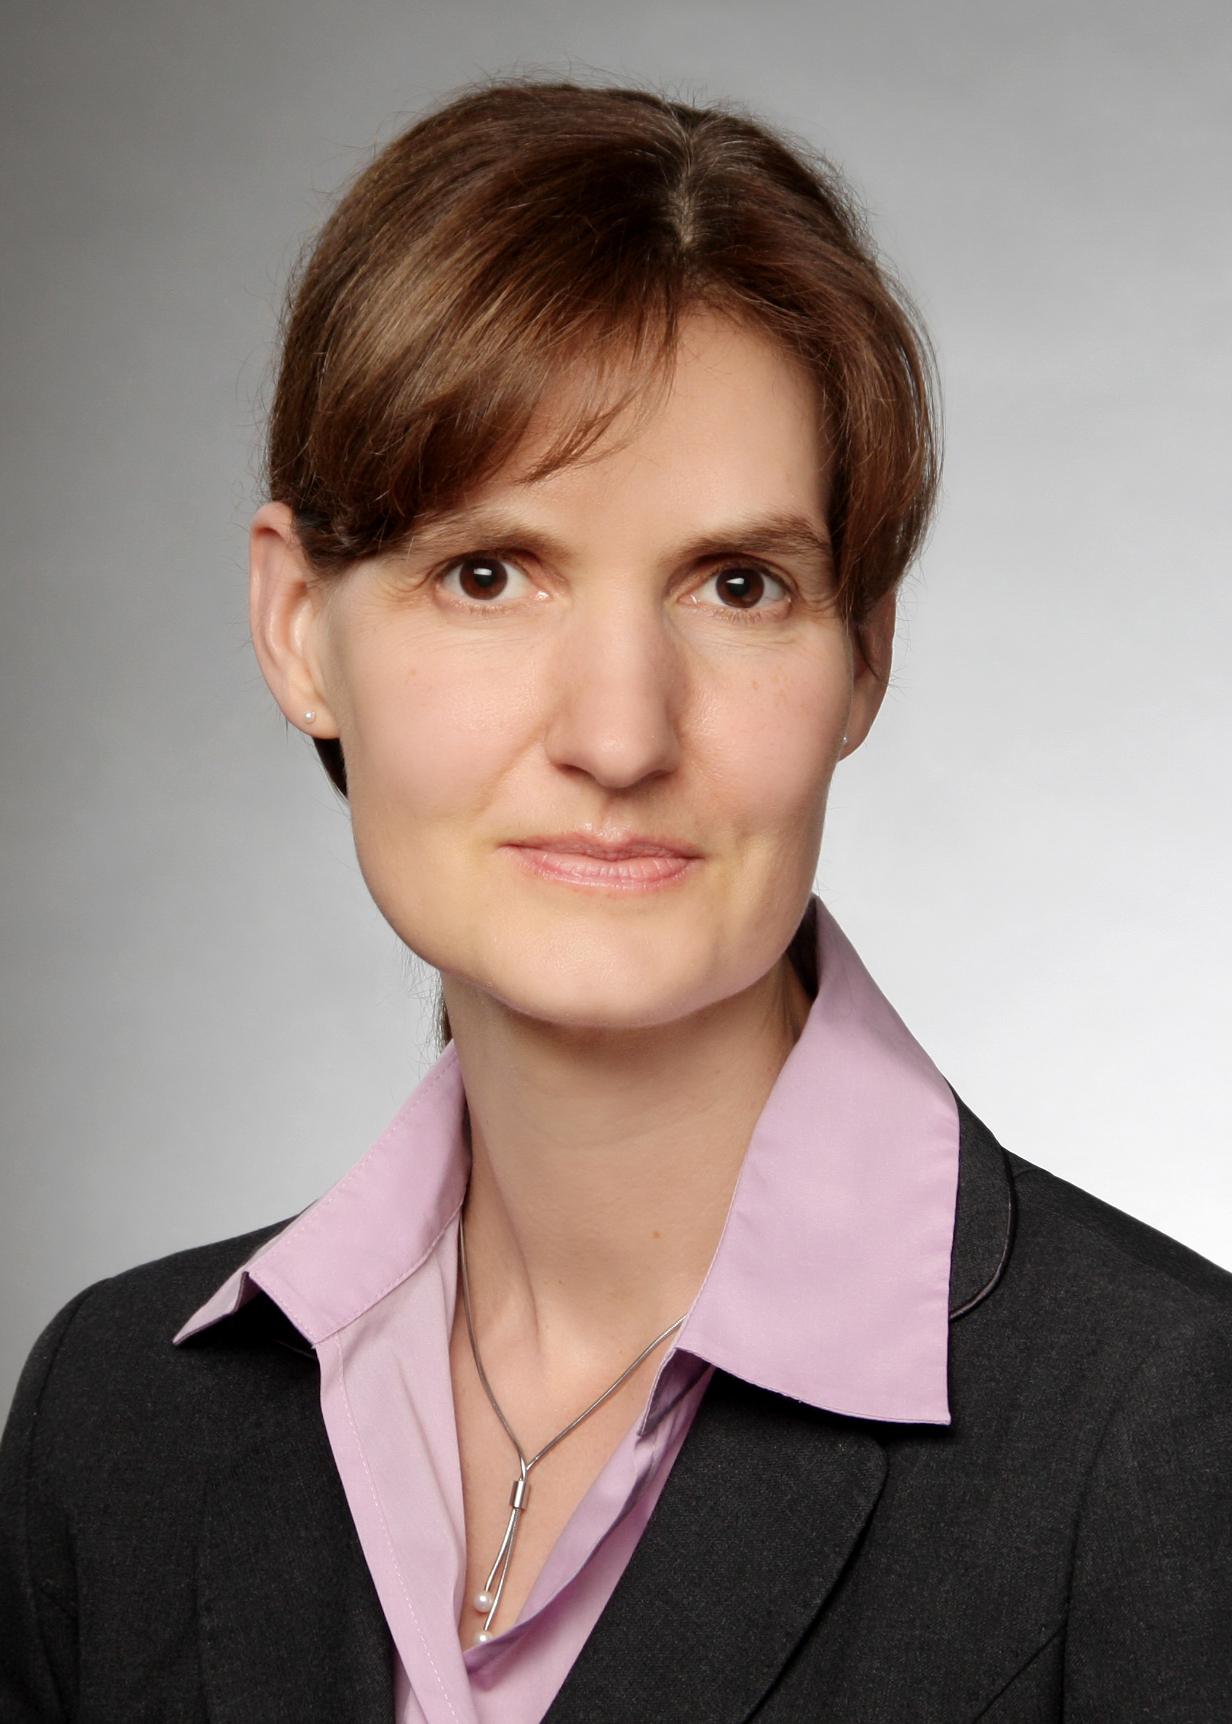 Foto Dr. Claudia Föller